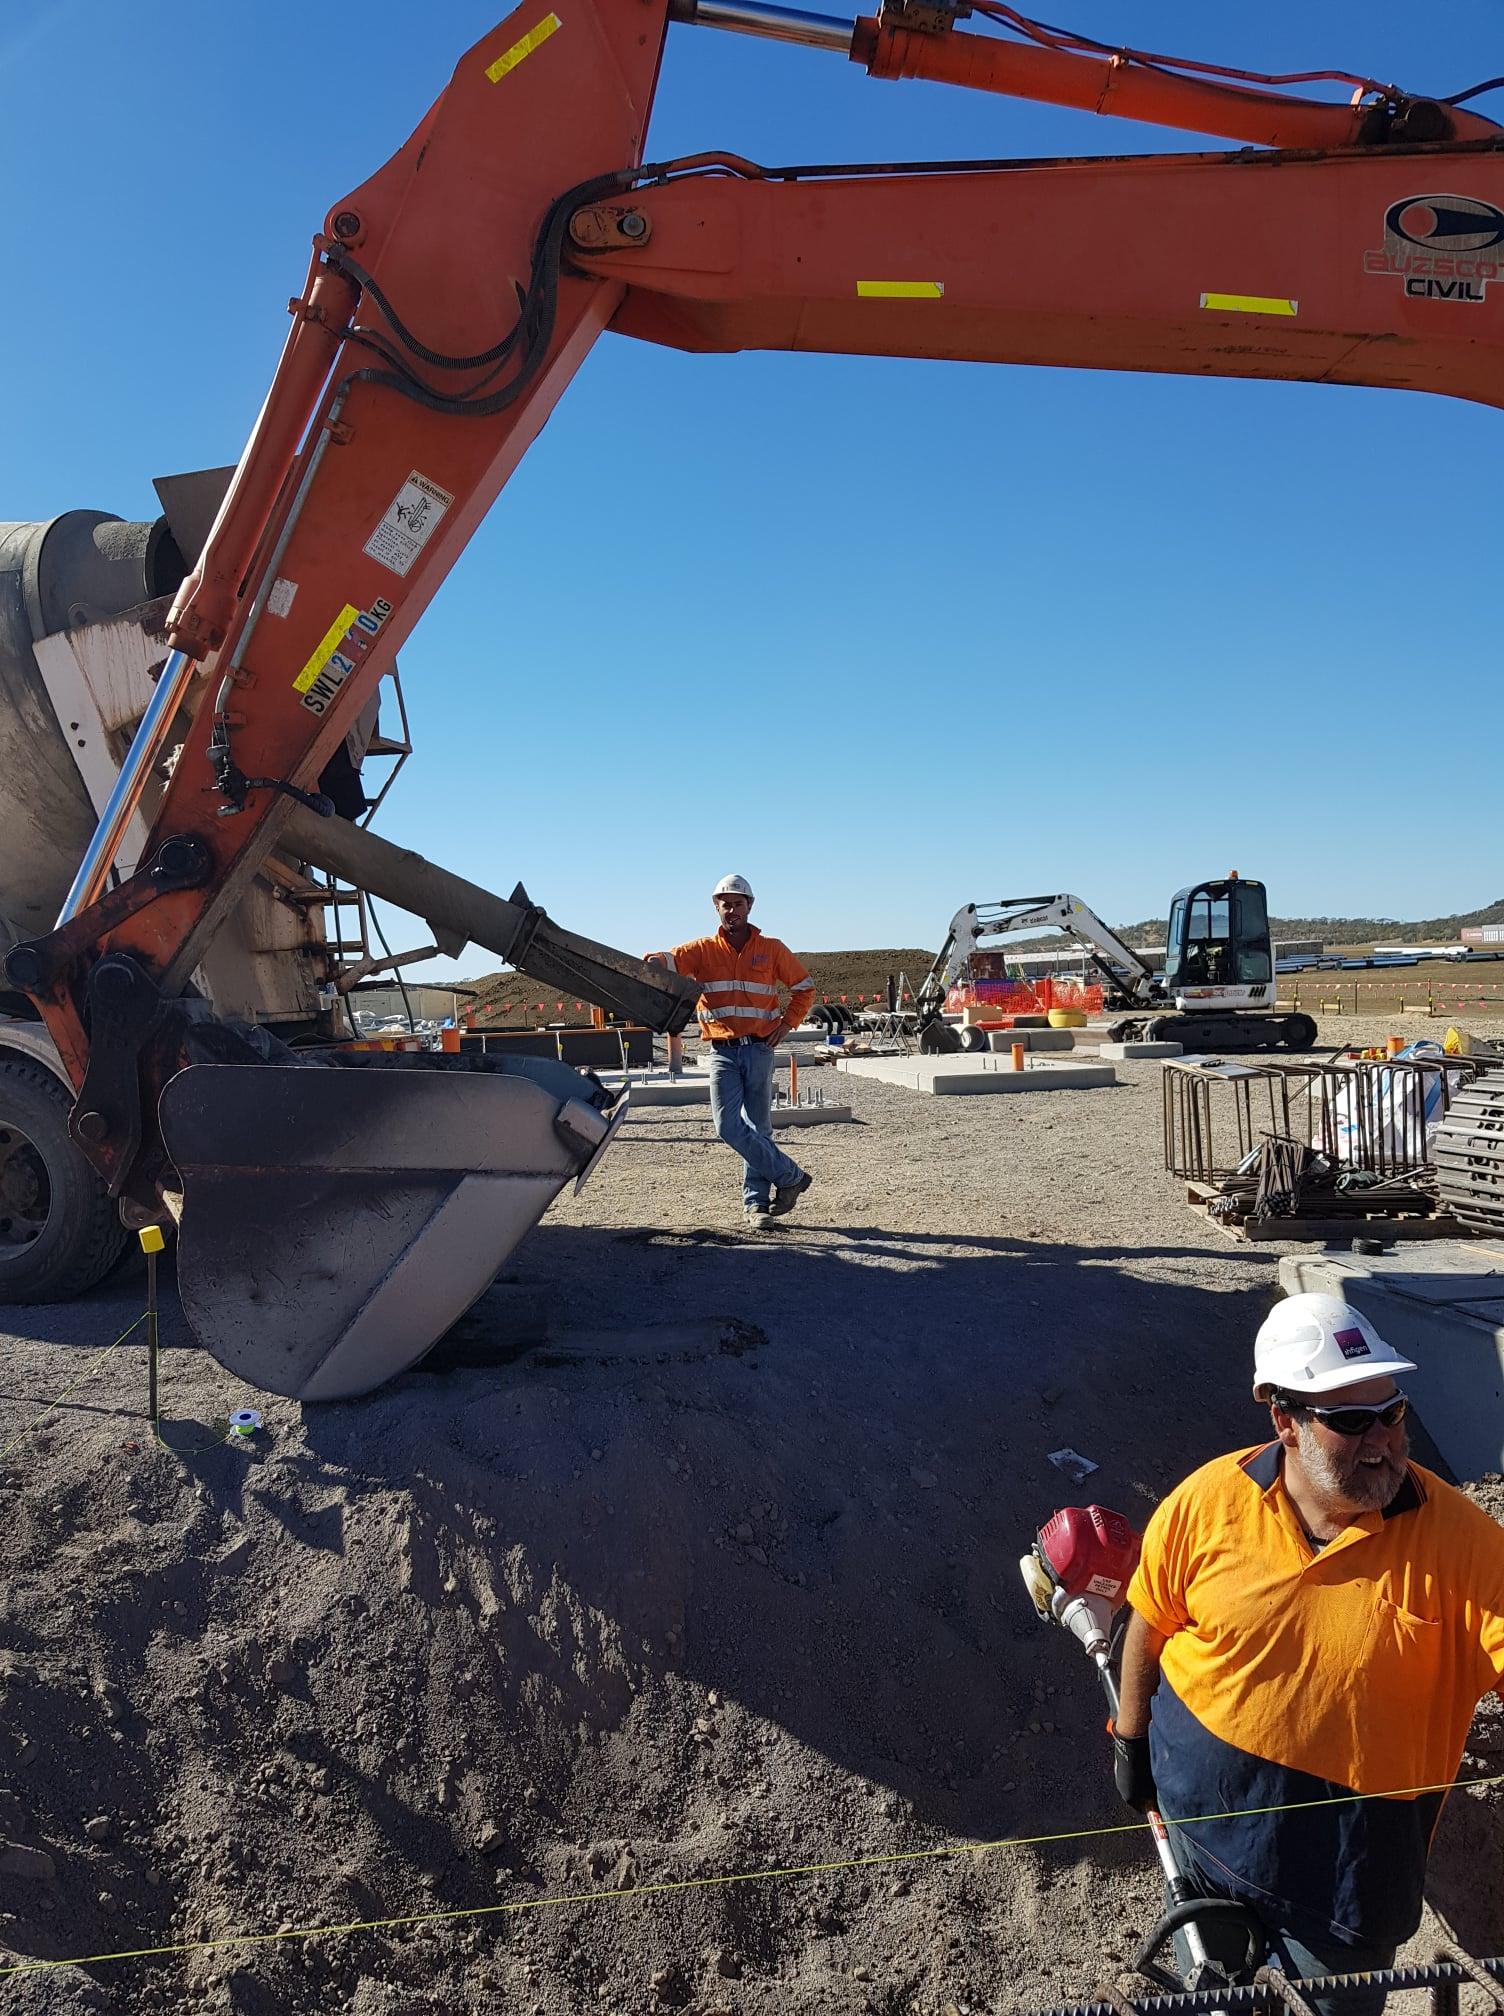 Auzscot Construction Labour Hire Services